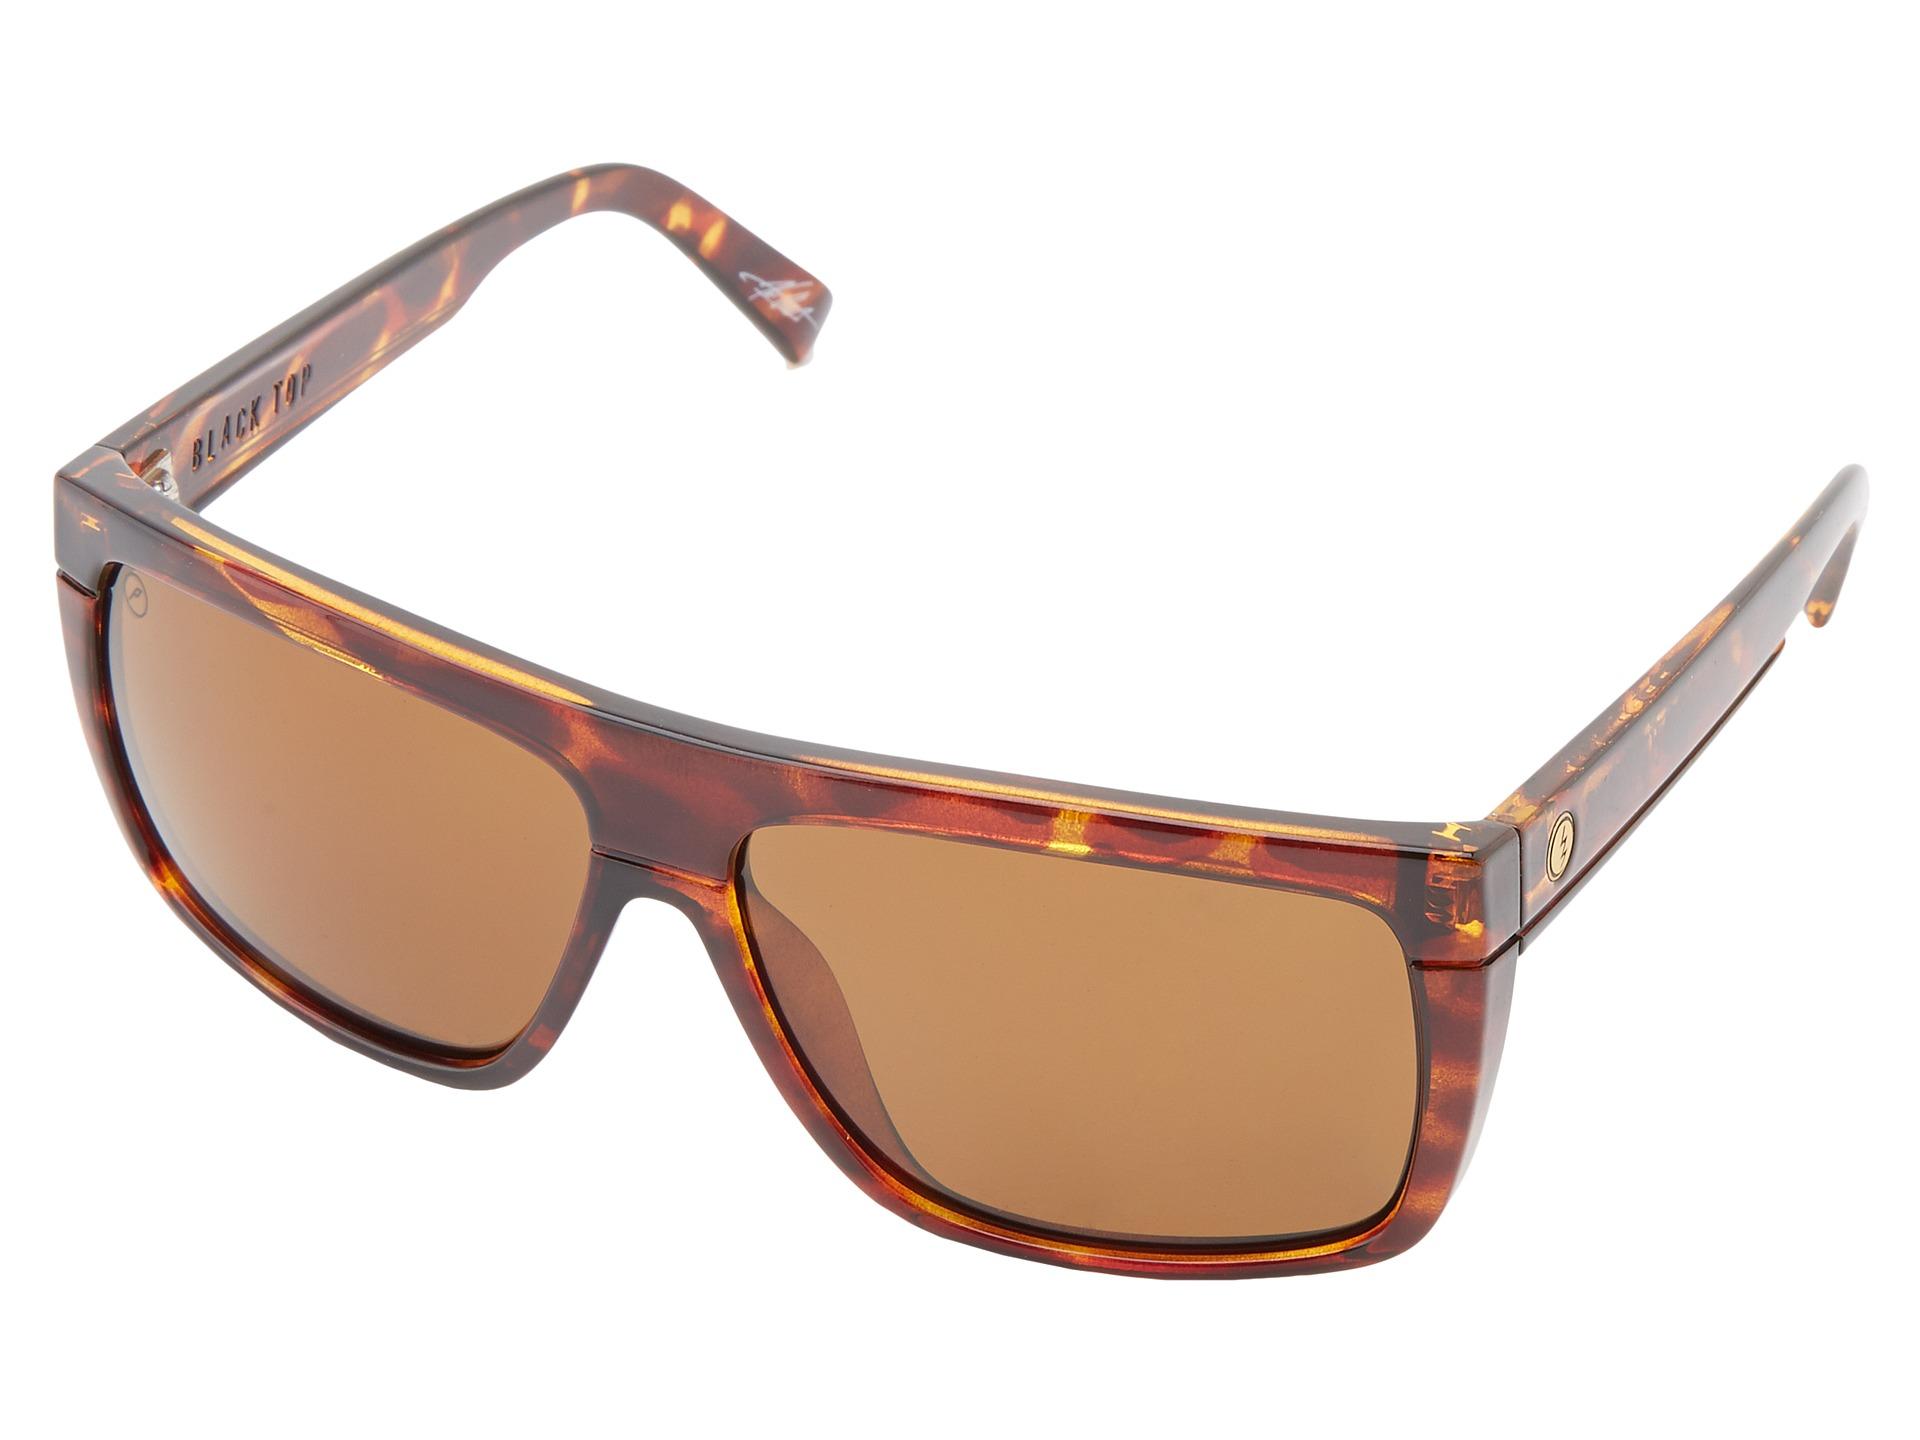 5e80bc6c3aa Electric Hoodlum Sunglasses Polarized